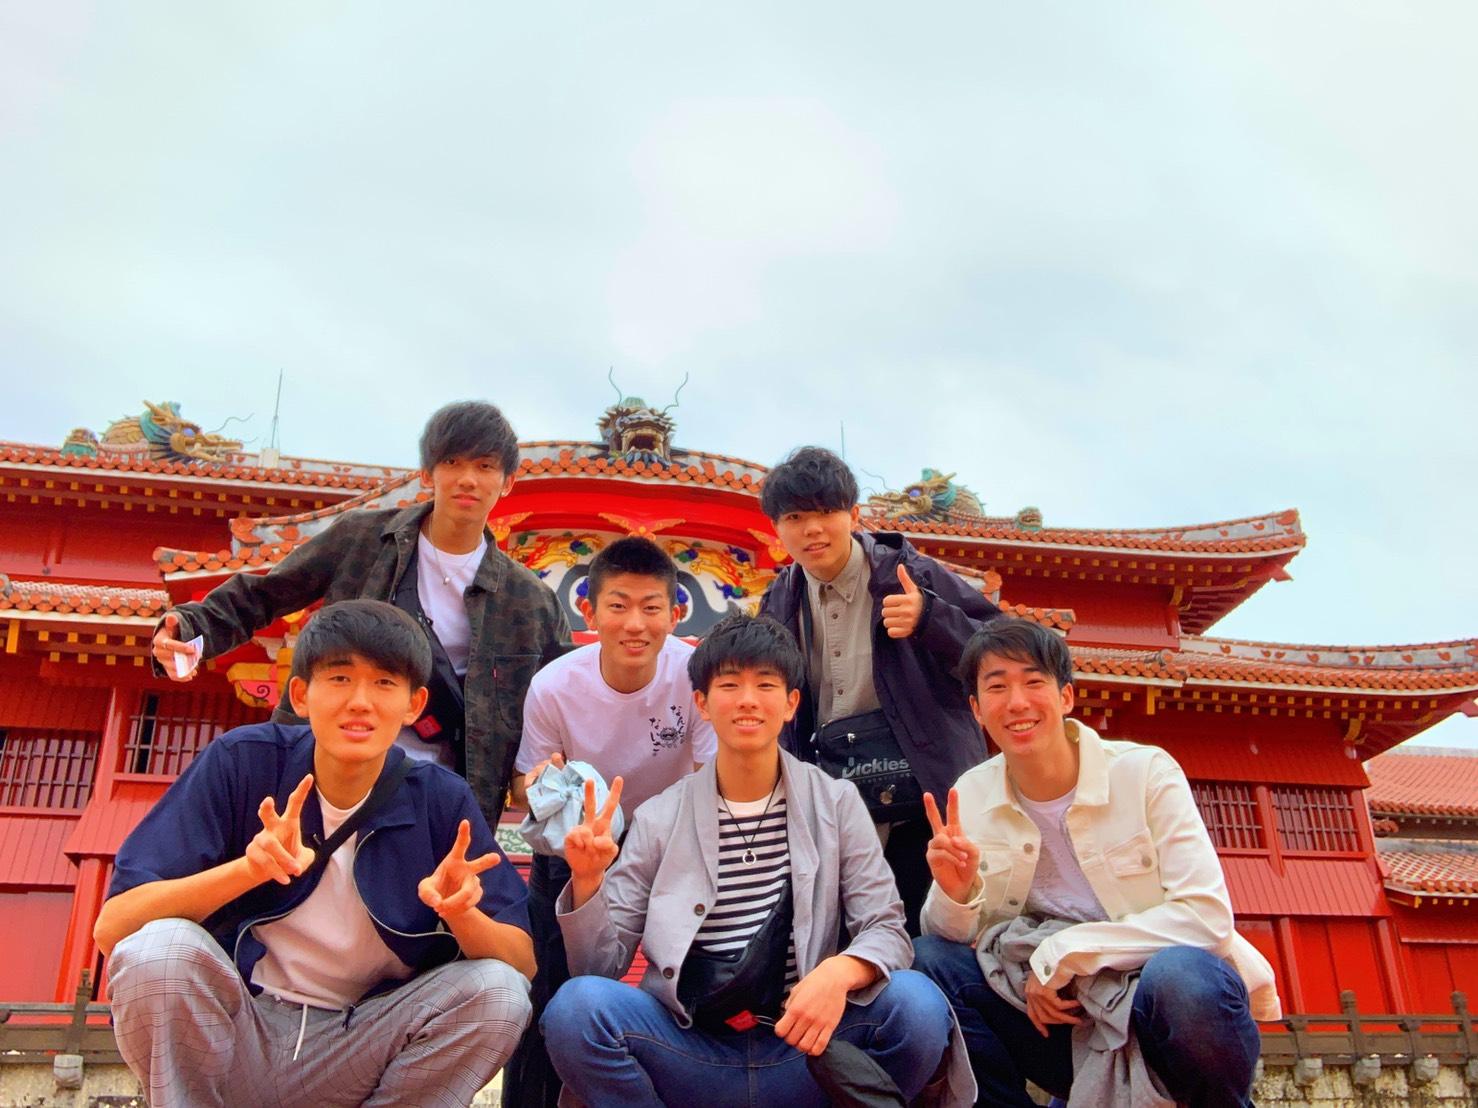 男6人で沖縄旅行なんて、高校の卒業旅行しかできないかも?